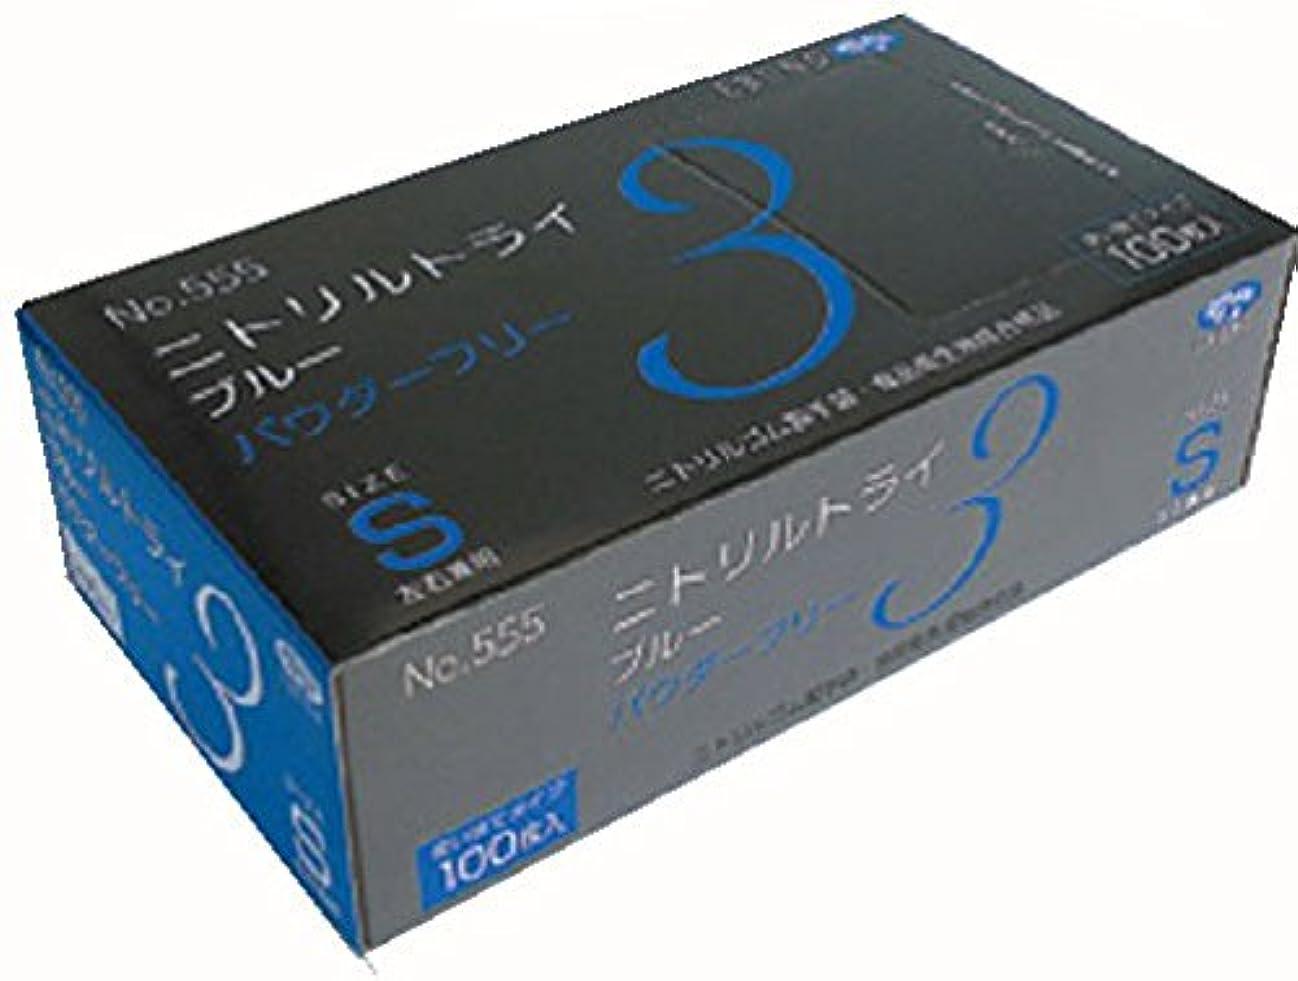 インタフェース利点新しさニトリルトライ3 №554 ホワイト 粉無 Sサイズ 100枚入